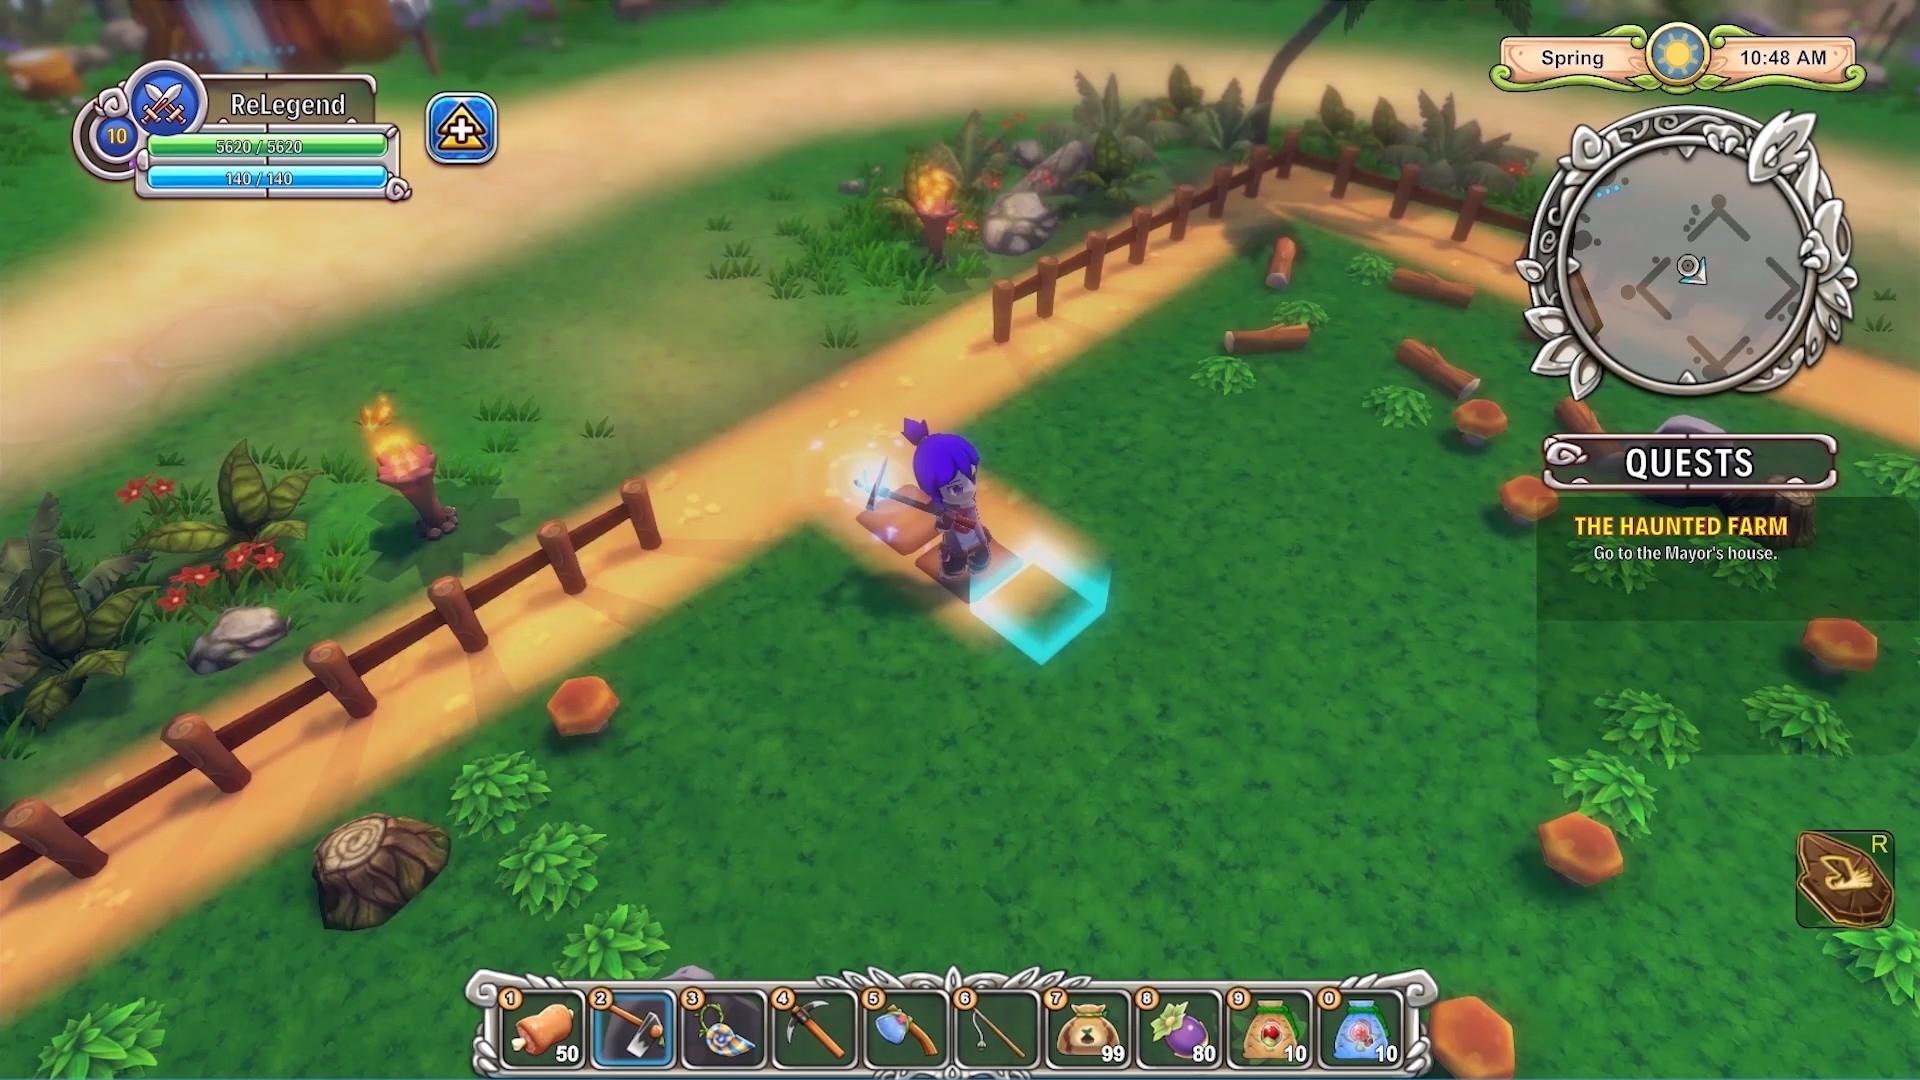 Красочный аниме-трейлер гибрида симулятора и JRGP к появлению Re:Legend в раннем доступе